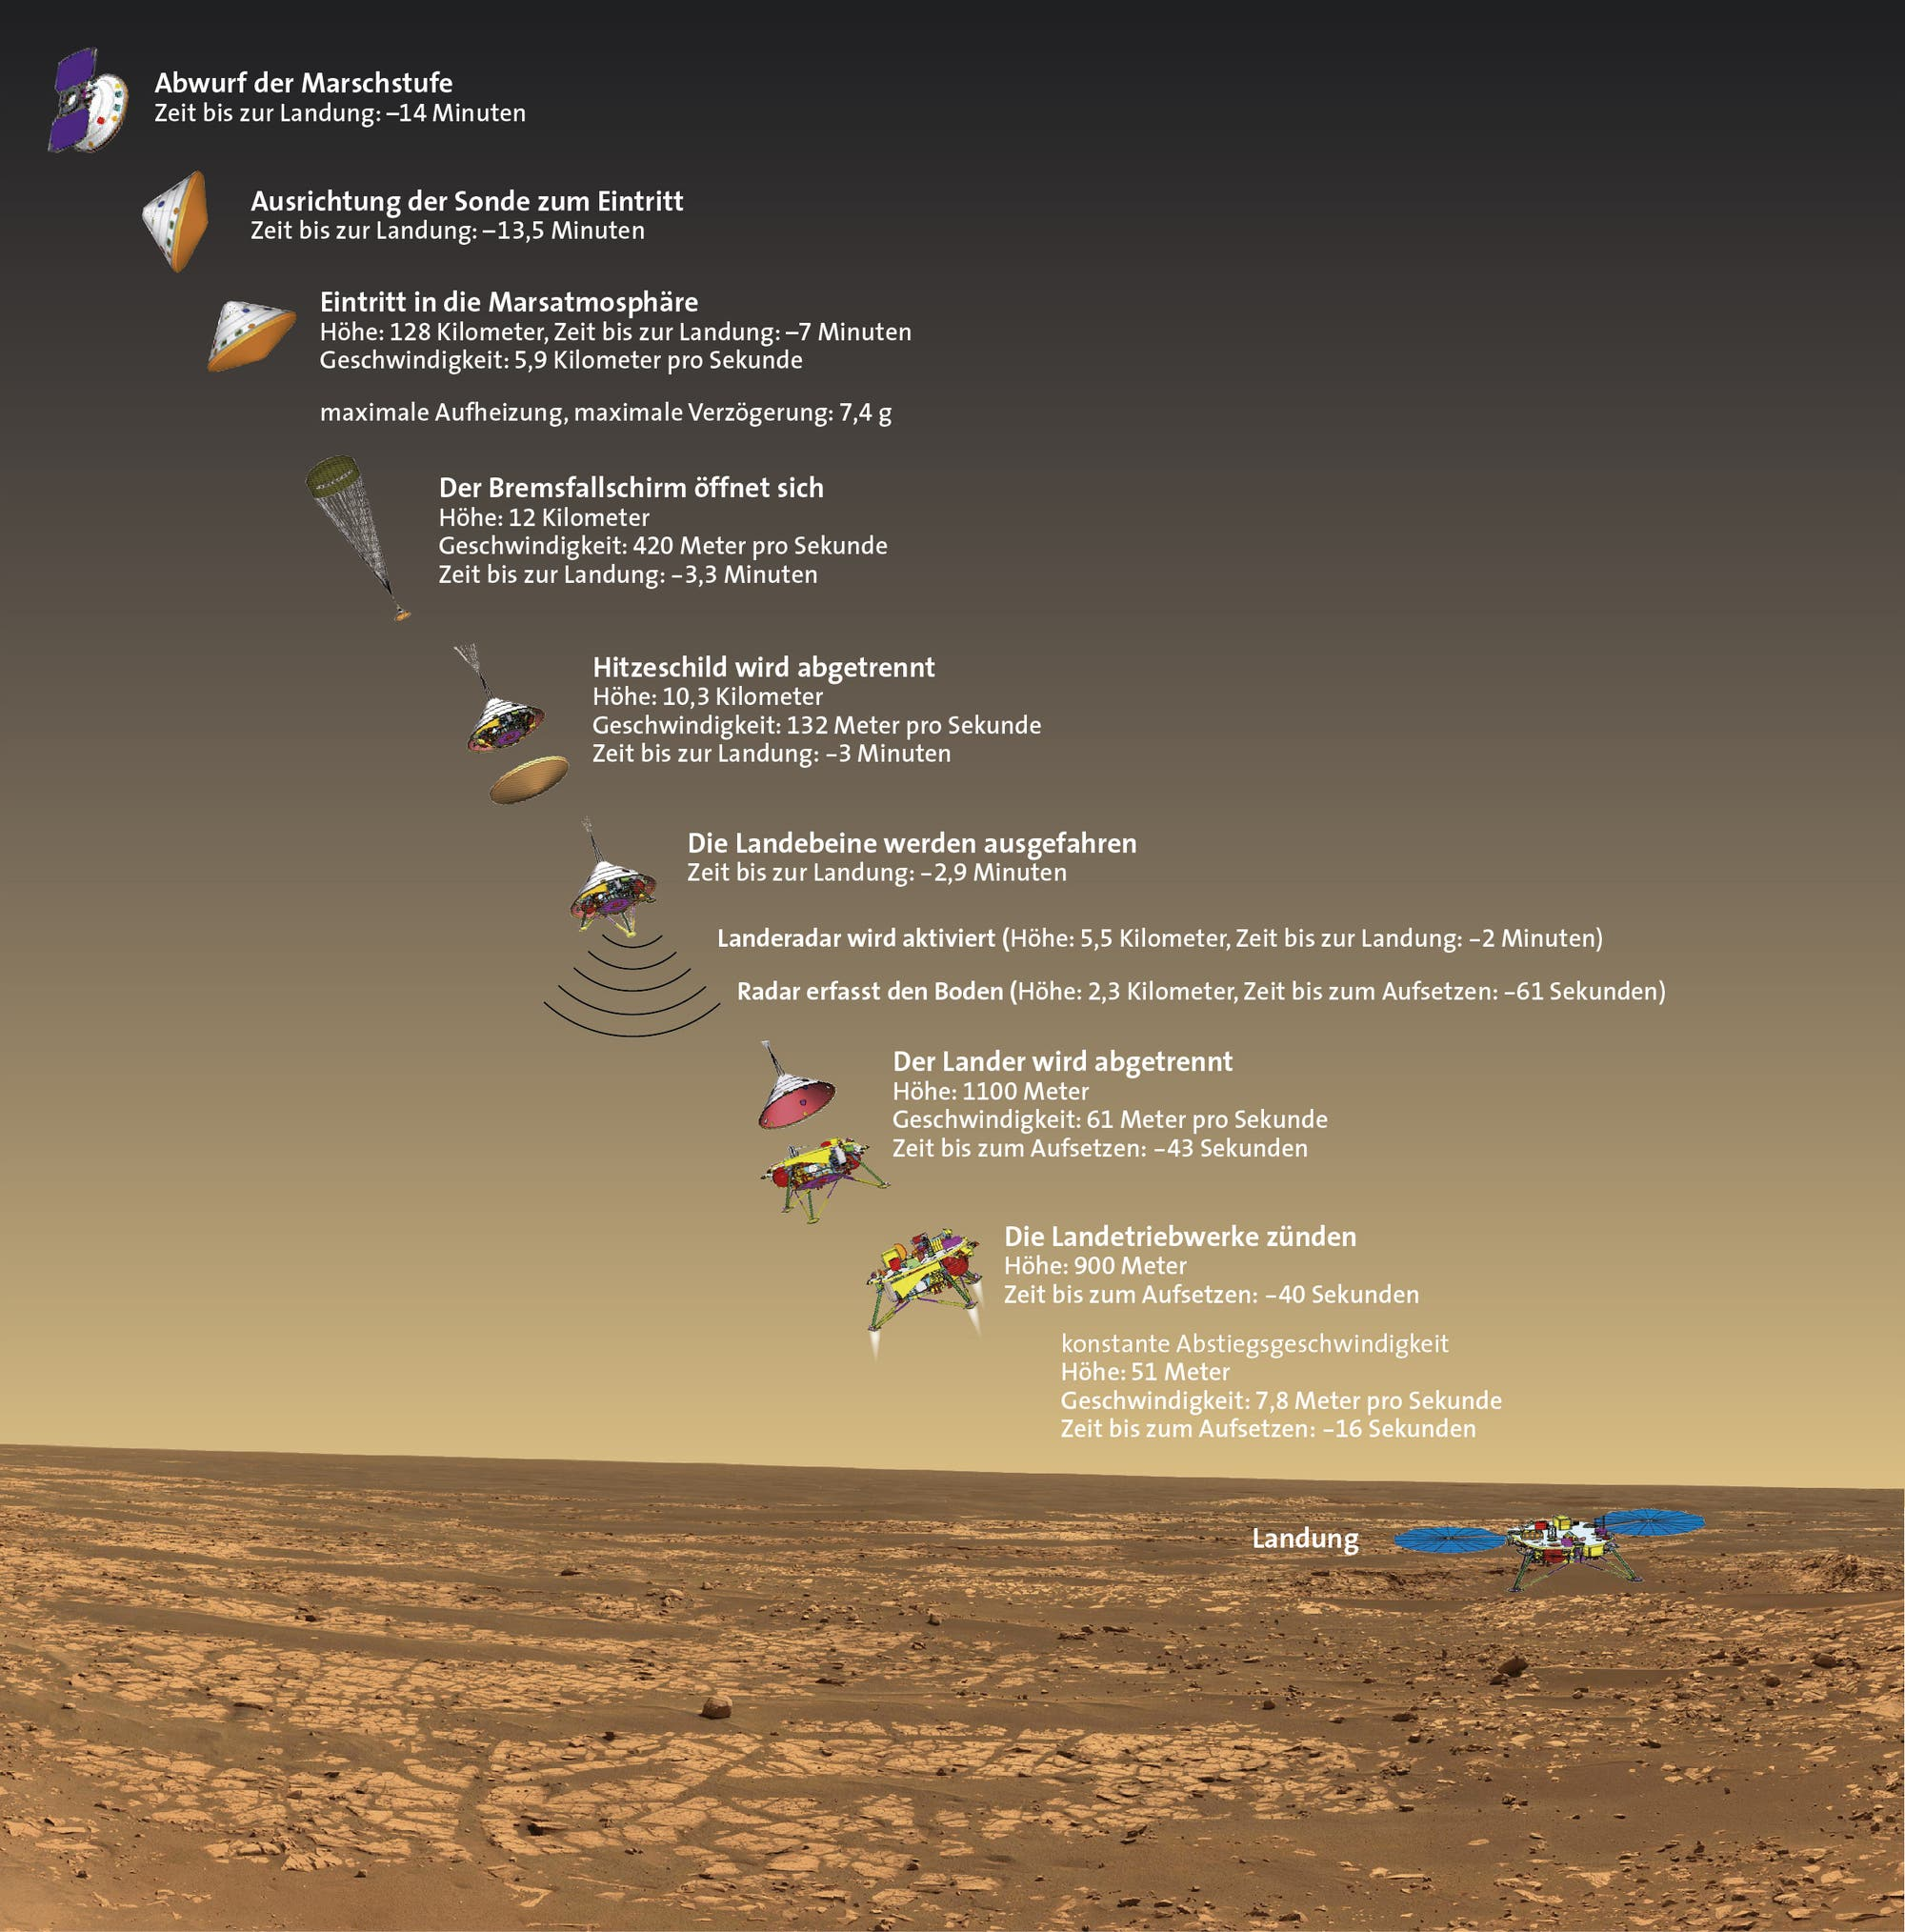 Der Verlauf der Landung der Raumsonde InSight auf dem Mars